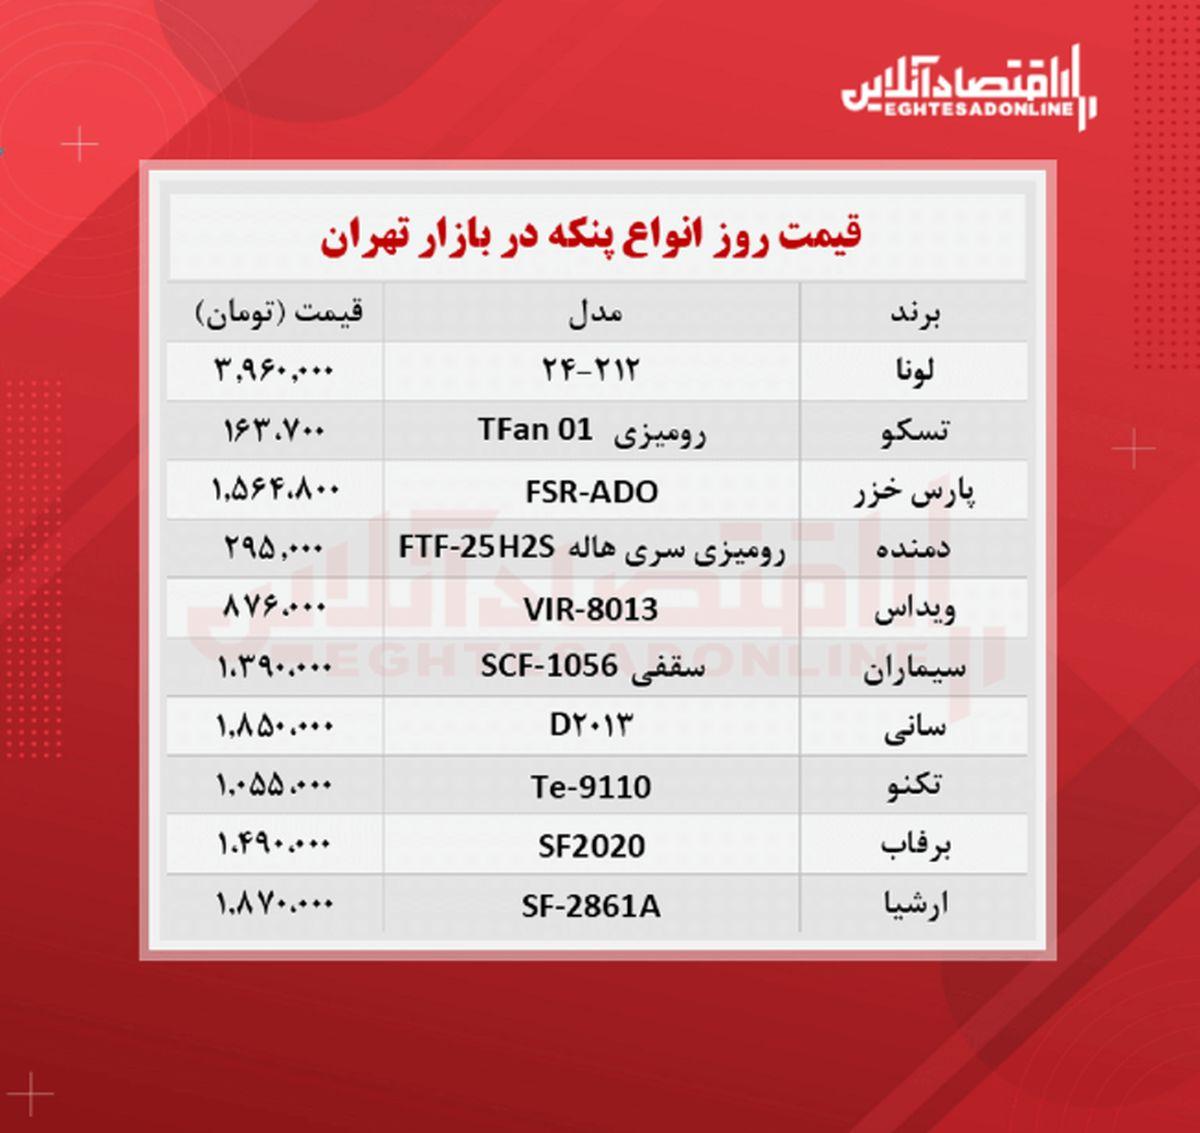 قیمت جدید انواع پنکه (شهریور ۱۴۰۰)